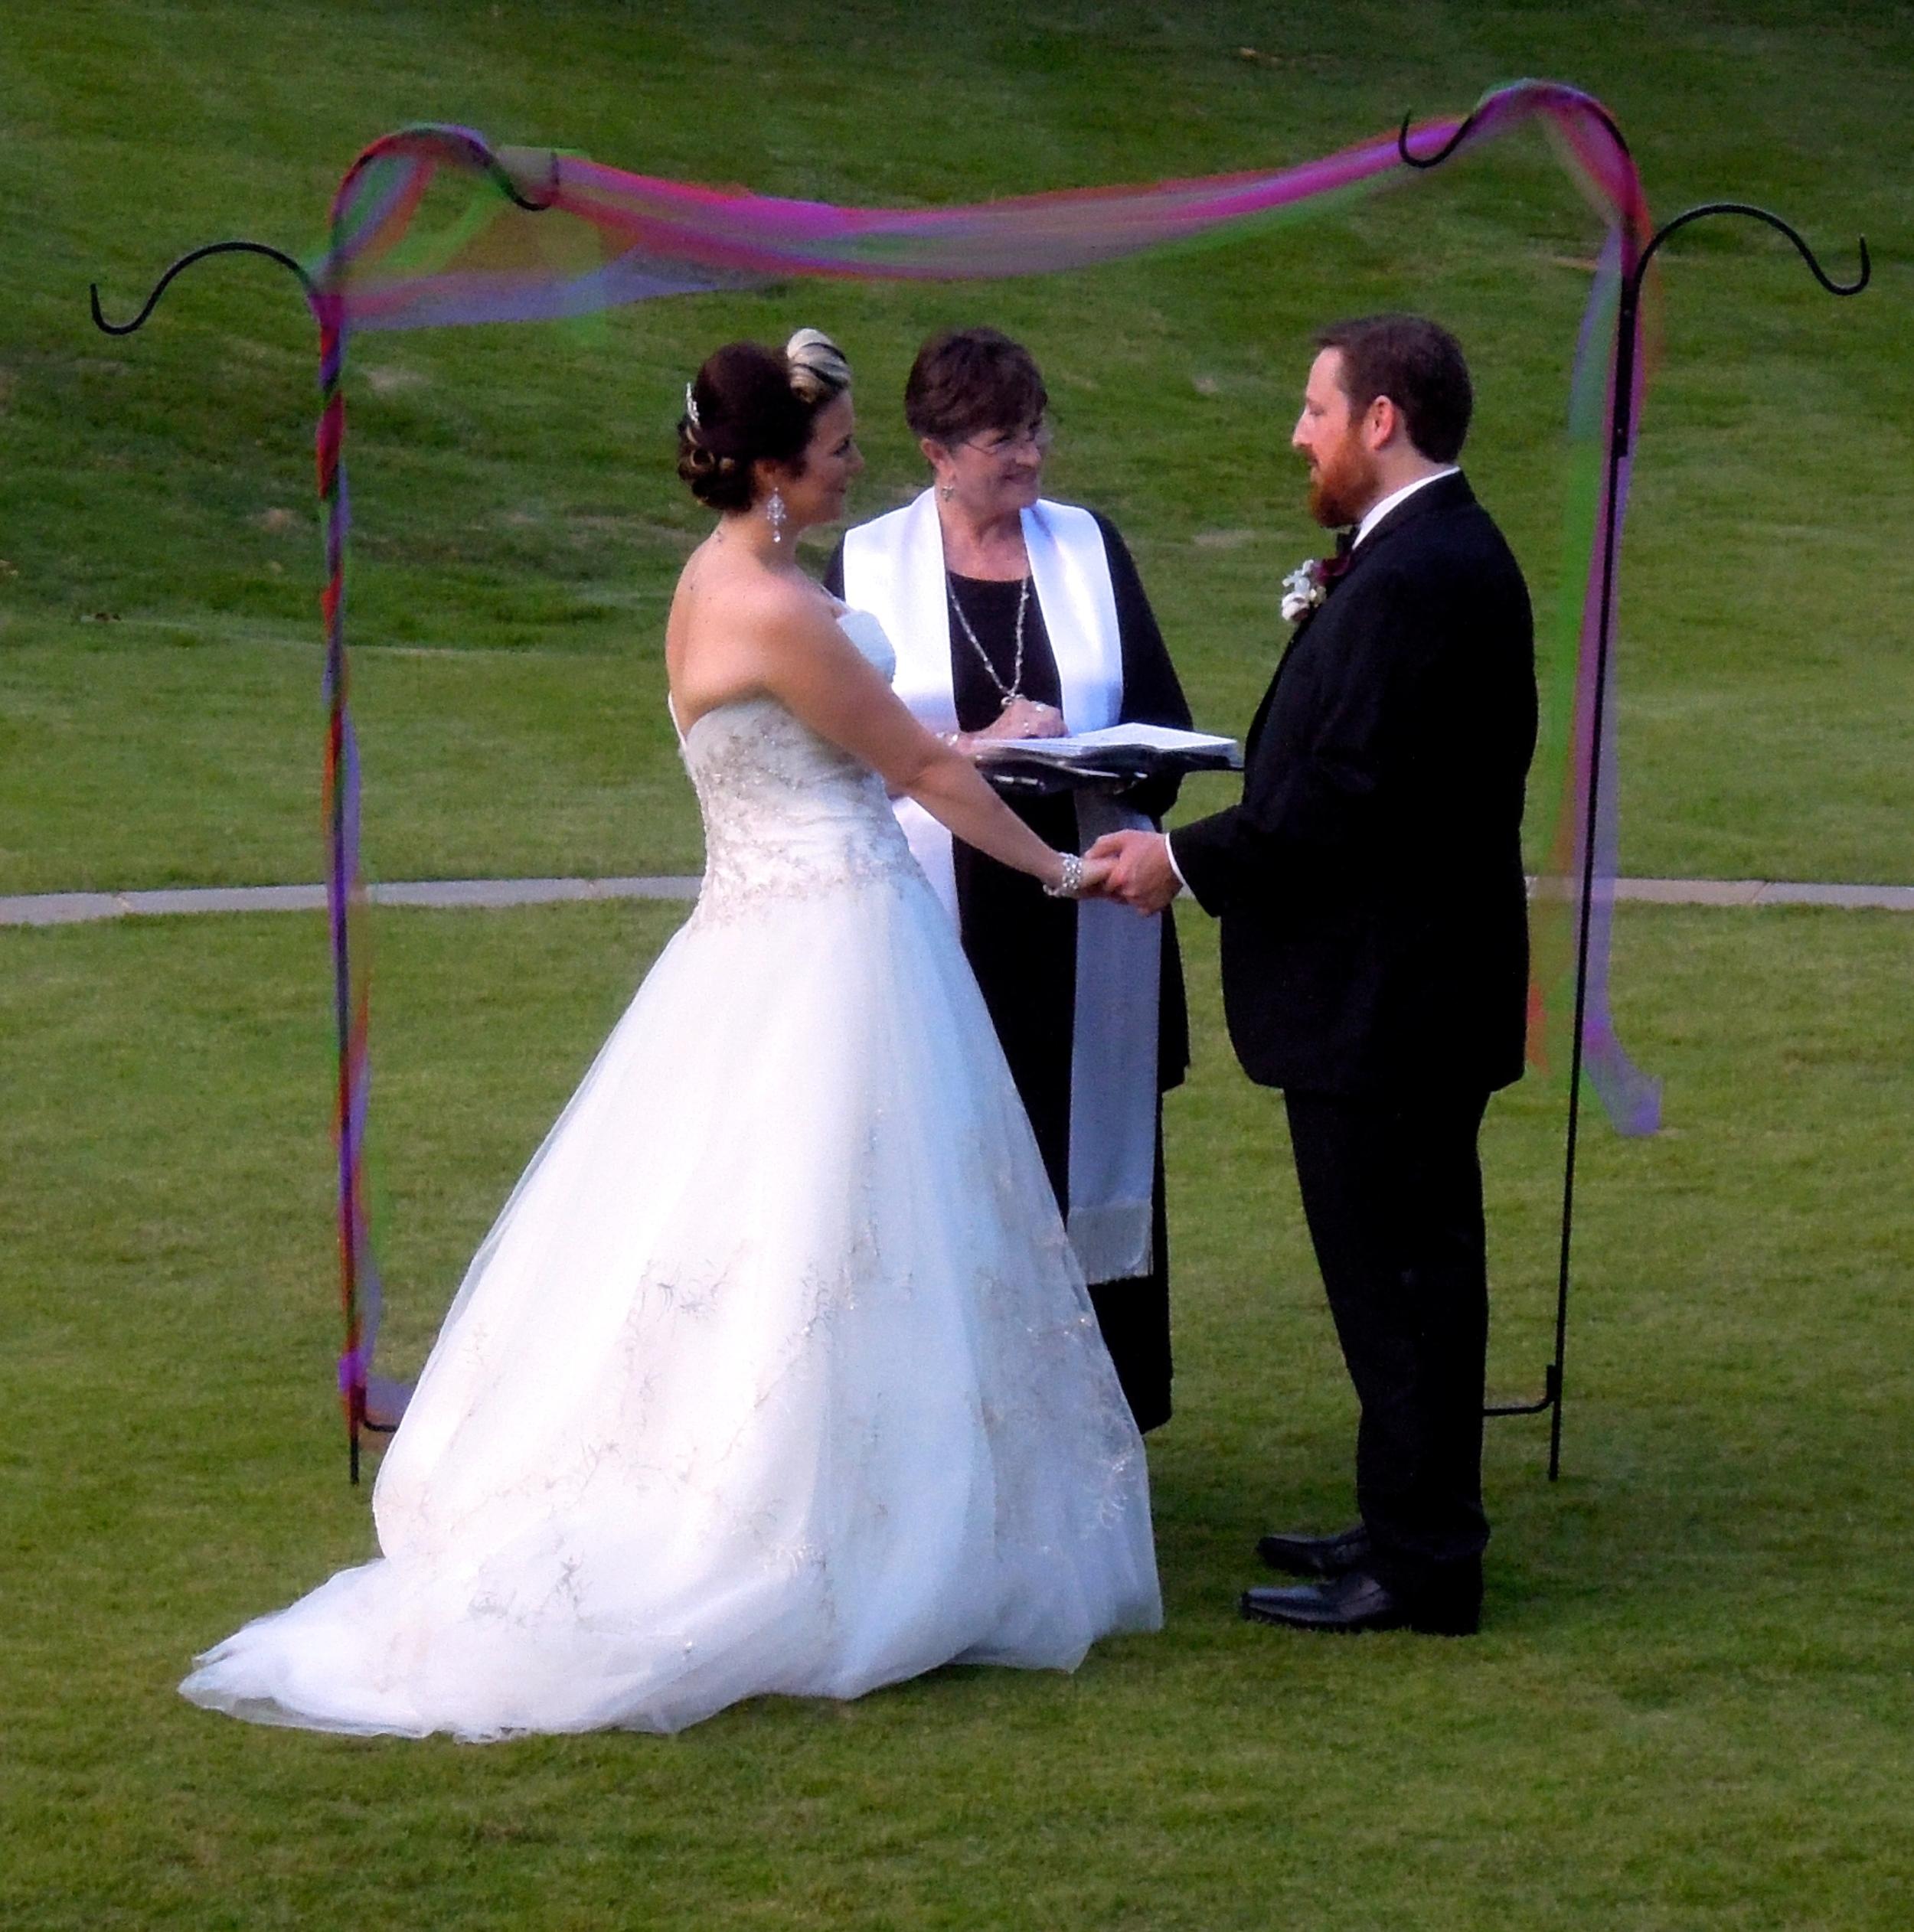 Fletcher Park Wedding in the Round, Raleigh NC